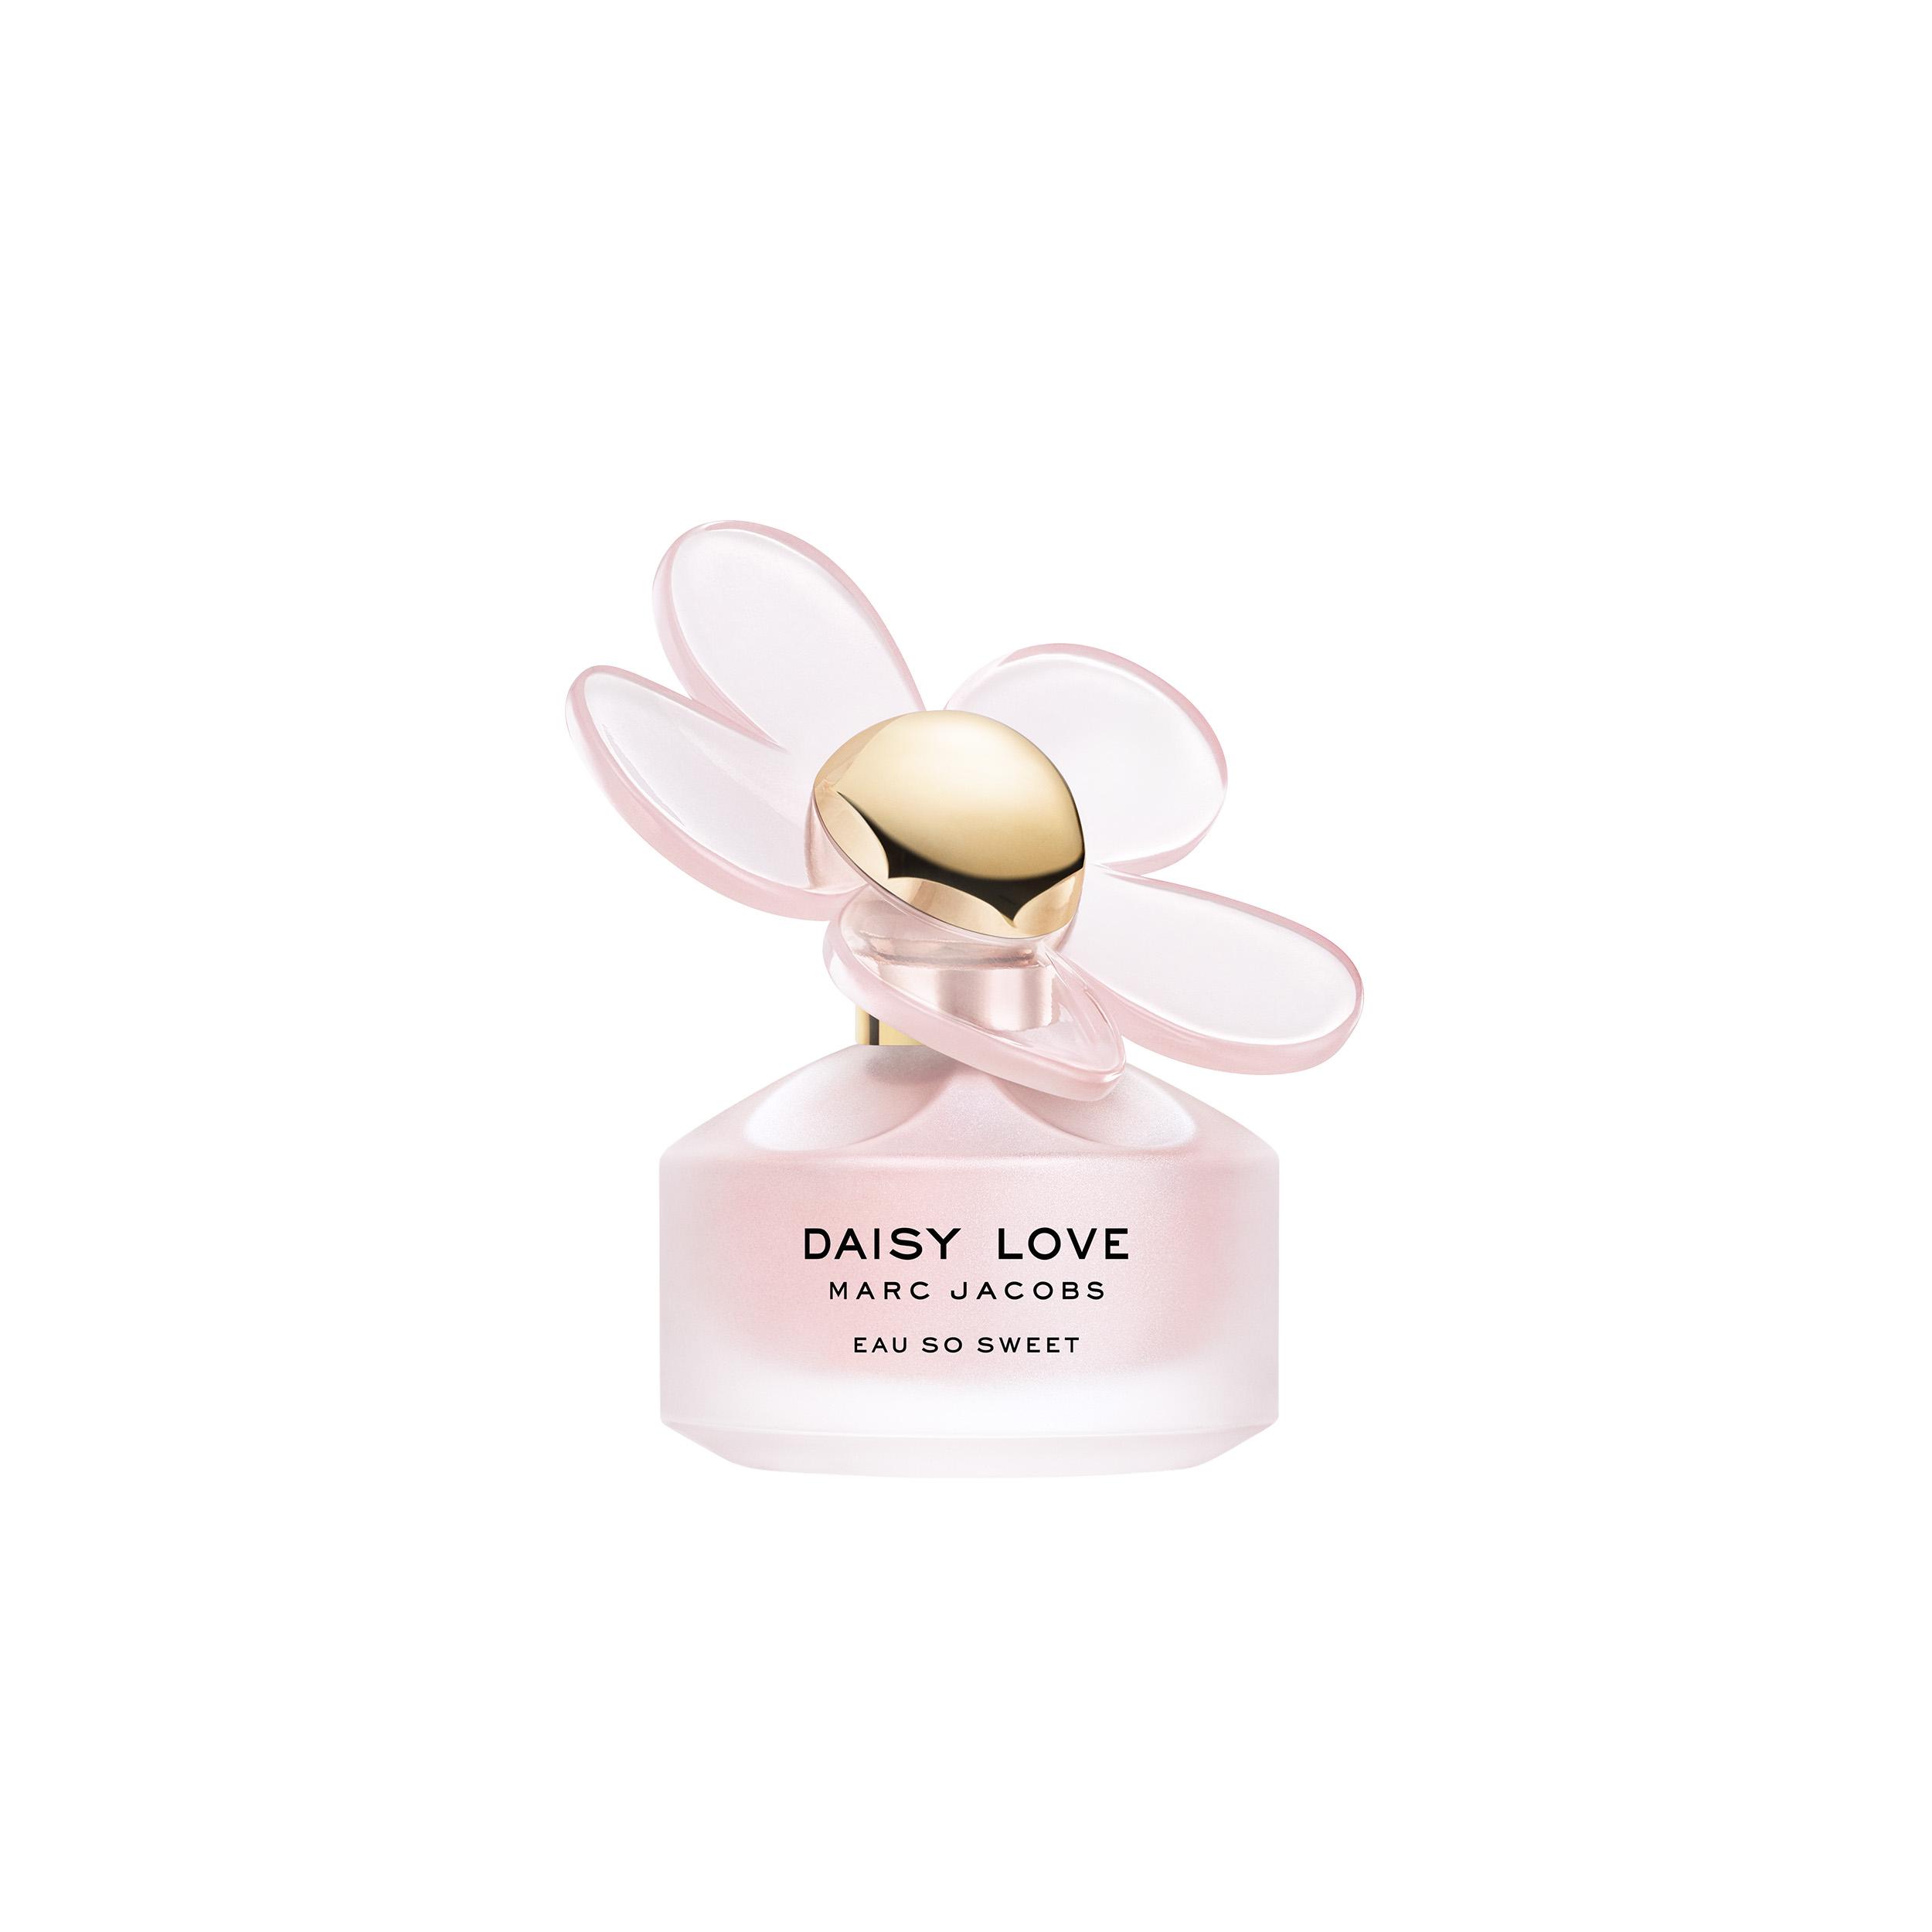 Marc Jacobs Daisy Love Eau So Sweet EDT, 100 ml